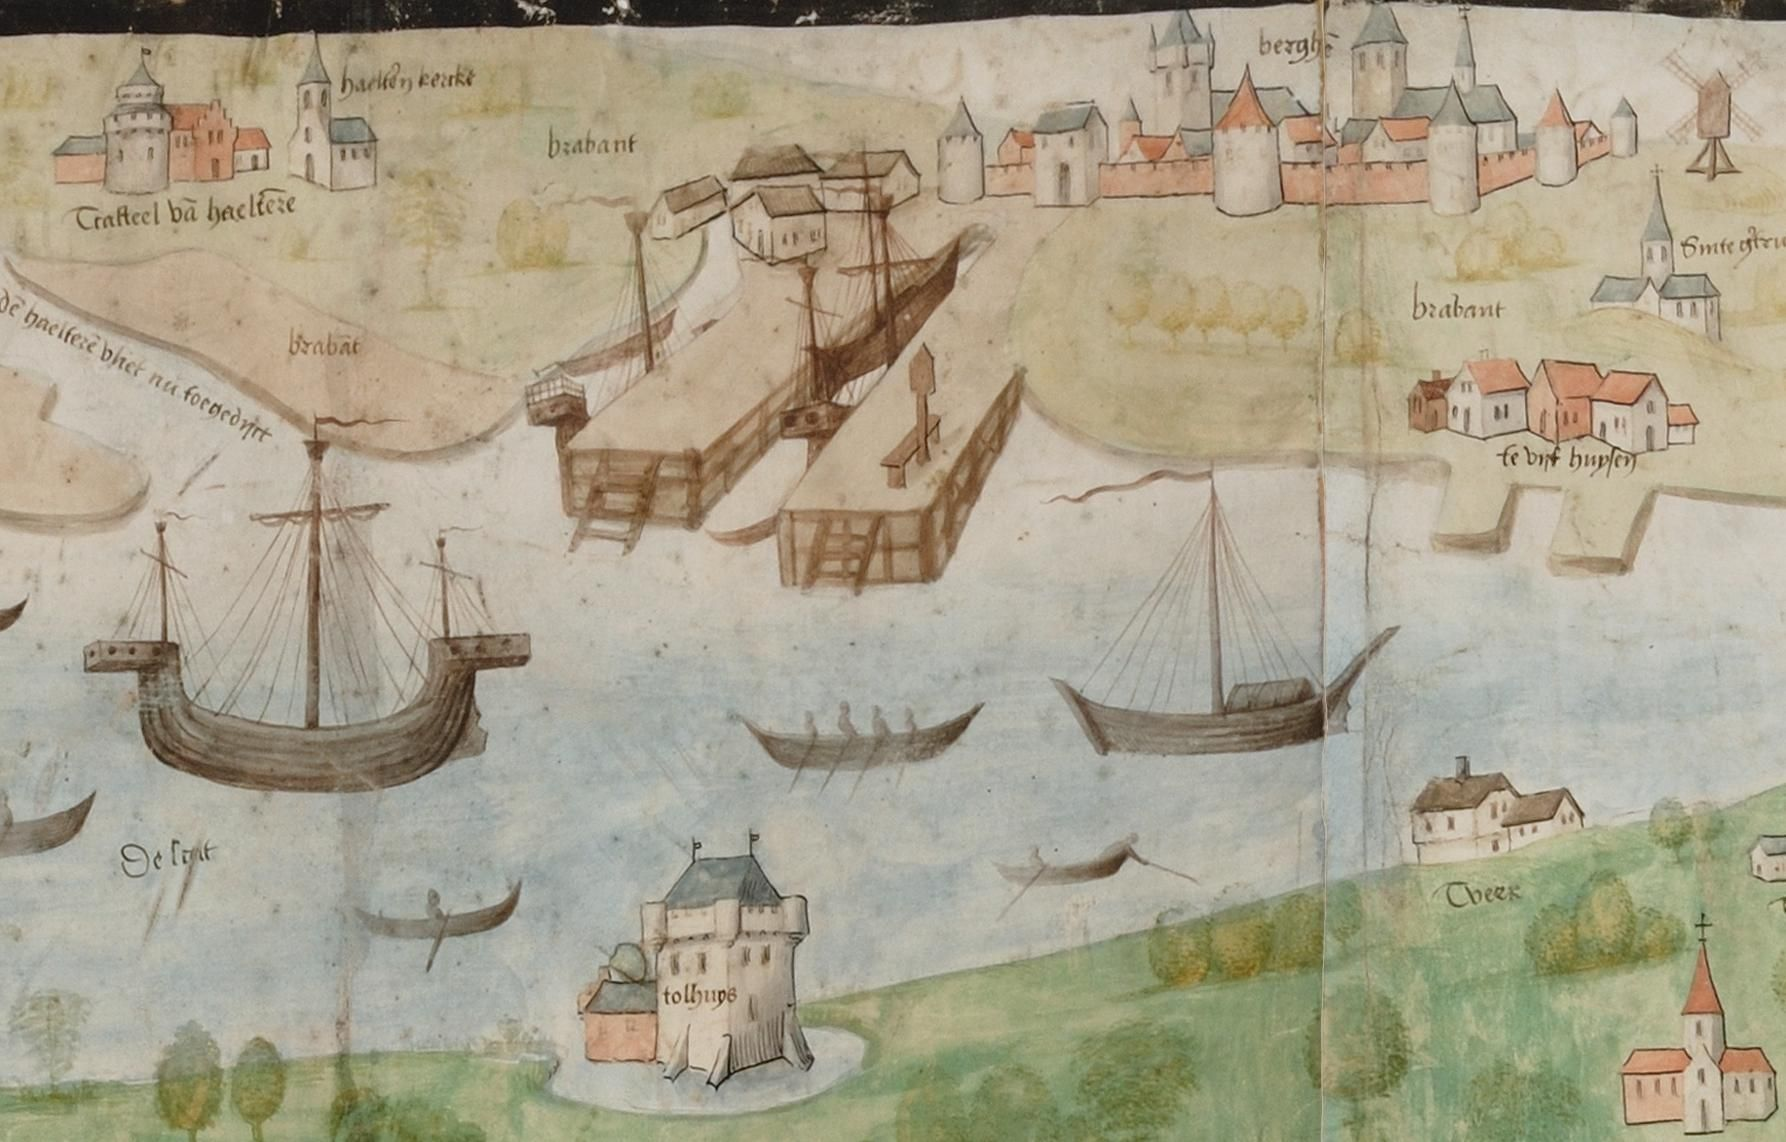 Deel van de Scheldekaart uit 1504, met het tolhuis van Iersekeroord (onder) en tal van handelsschepen.